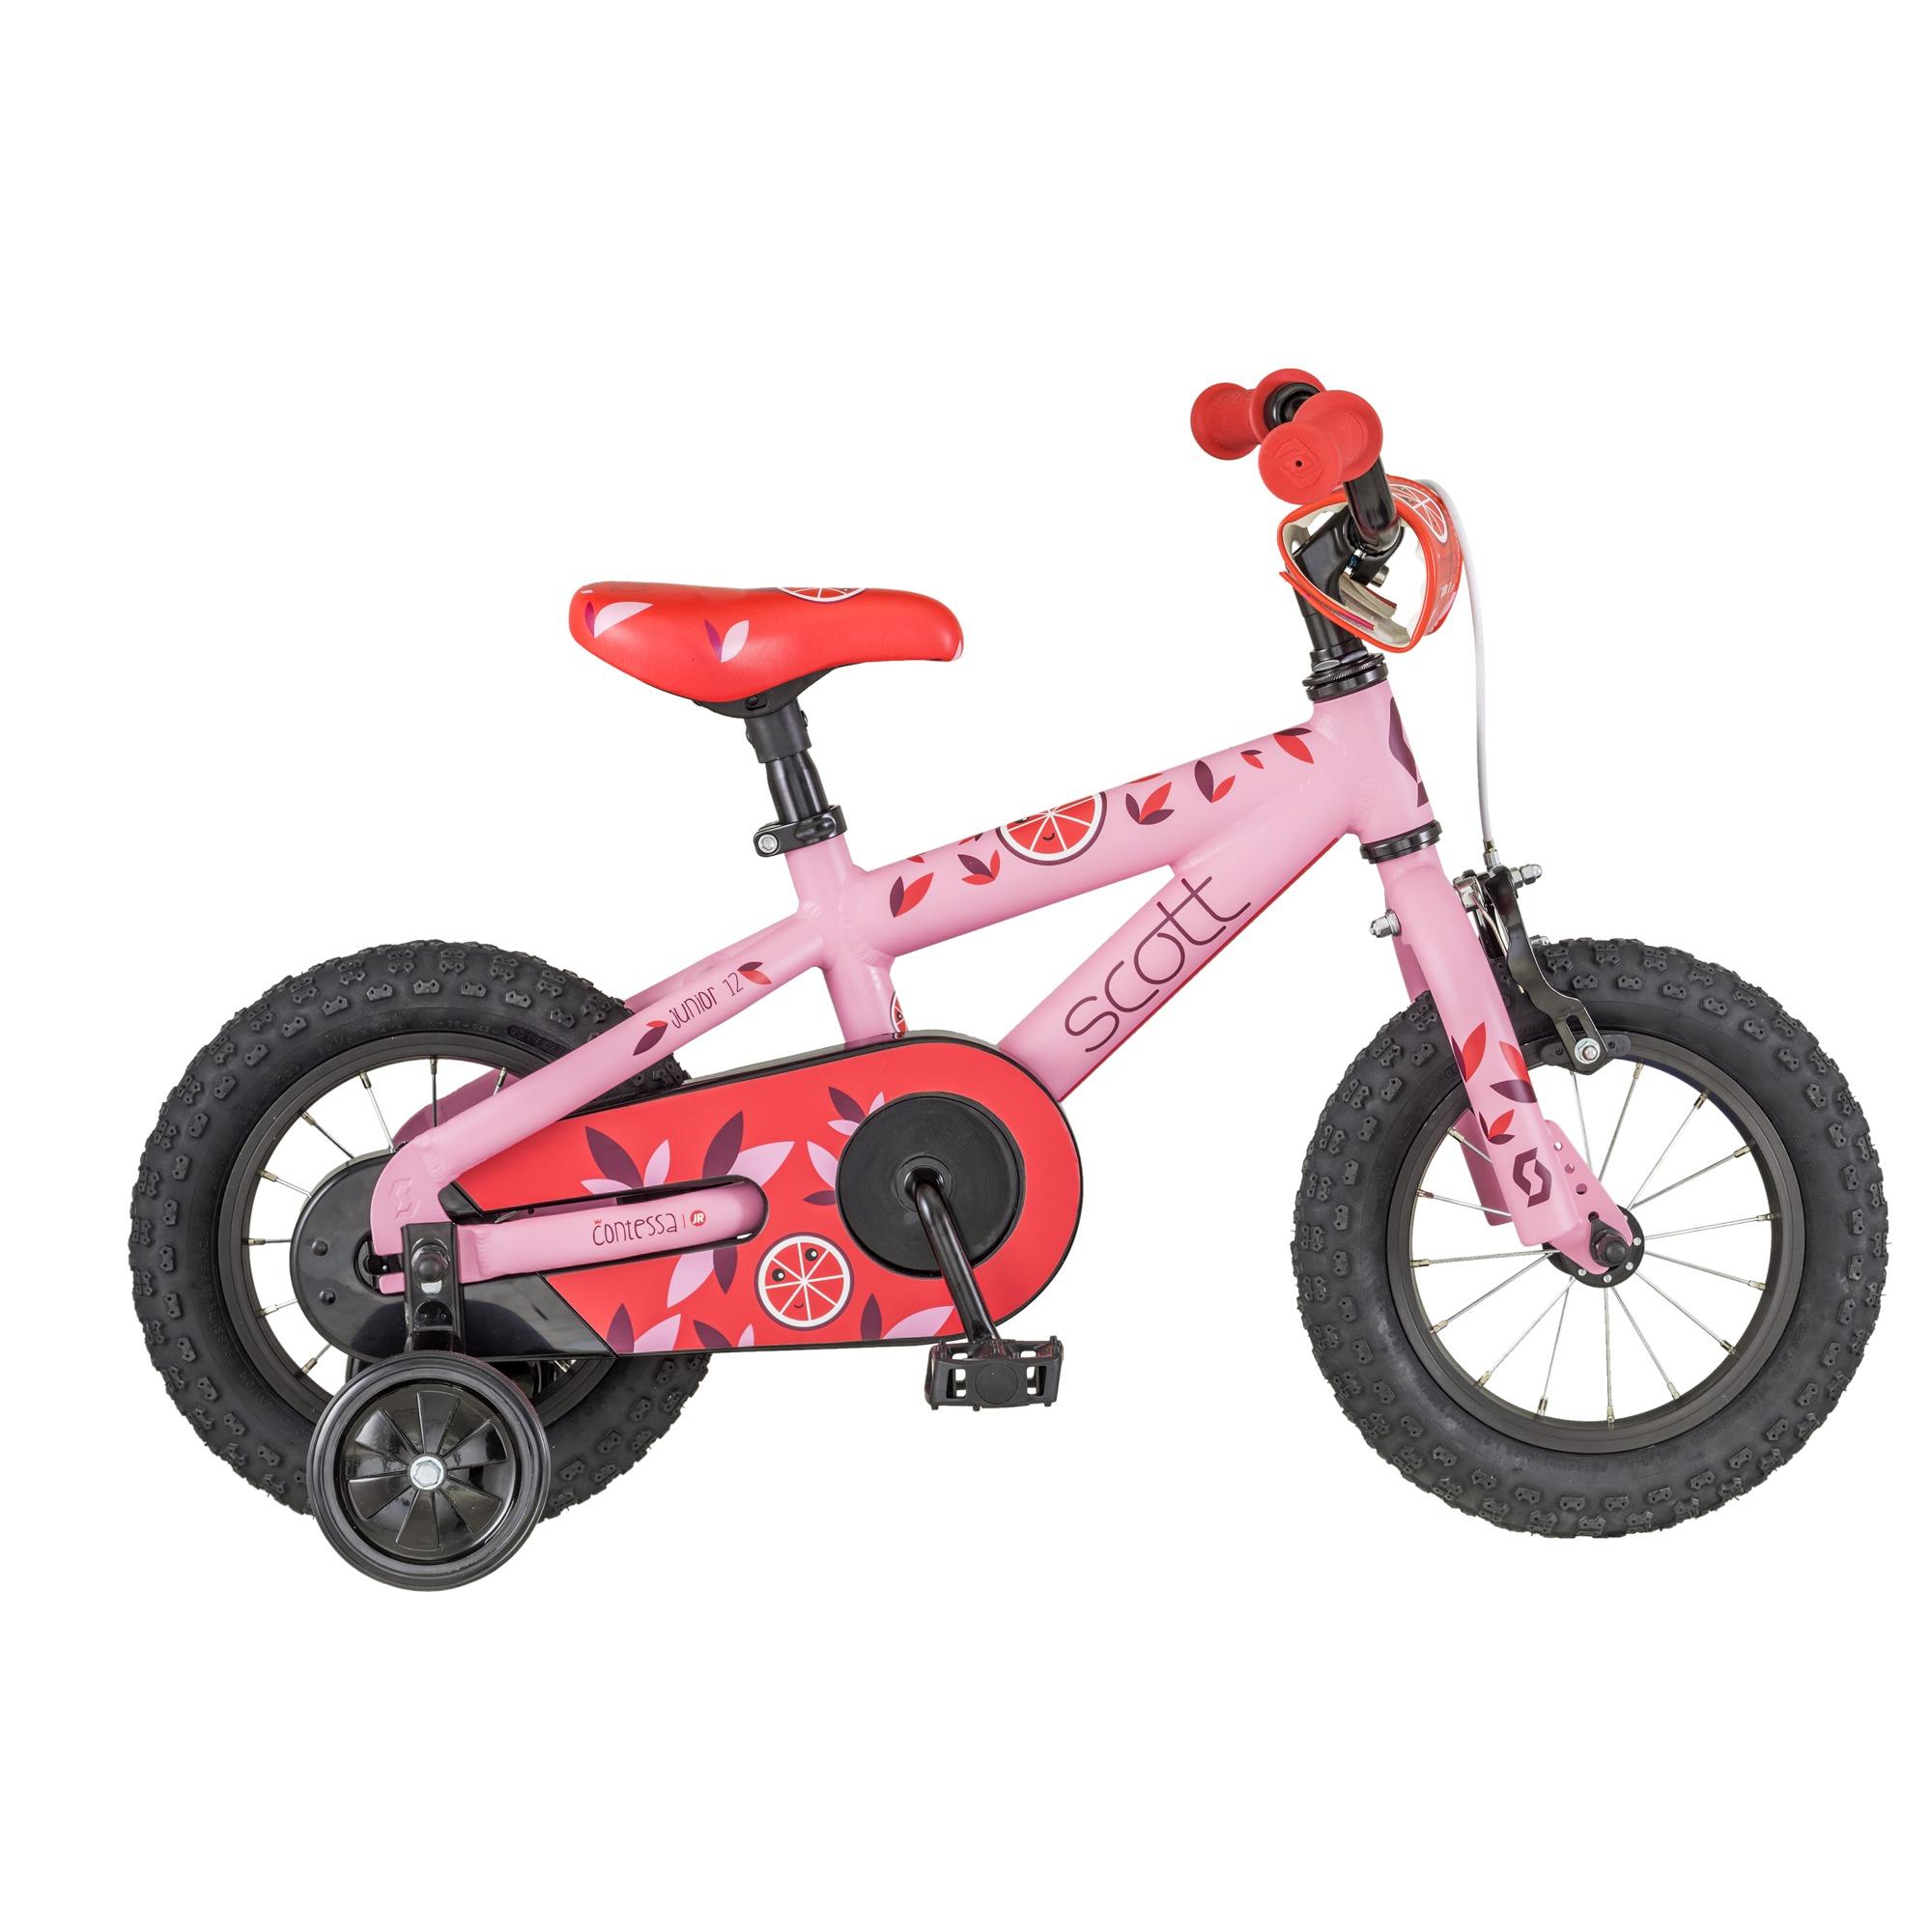 SCOTT Contessa JR 12 Bike 12